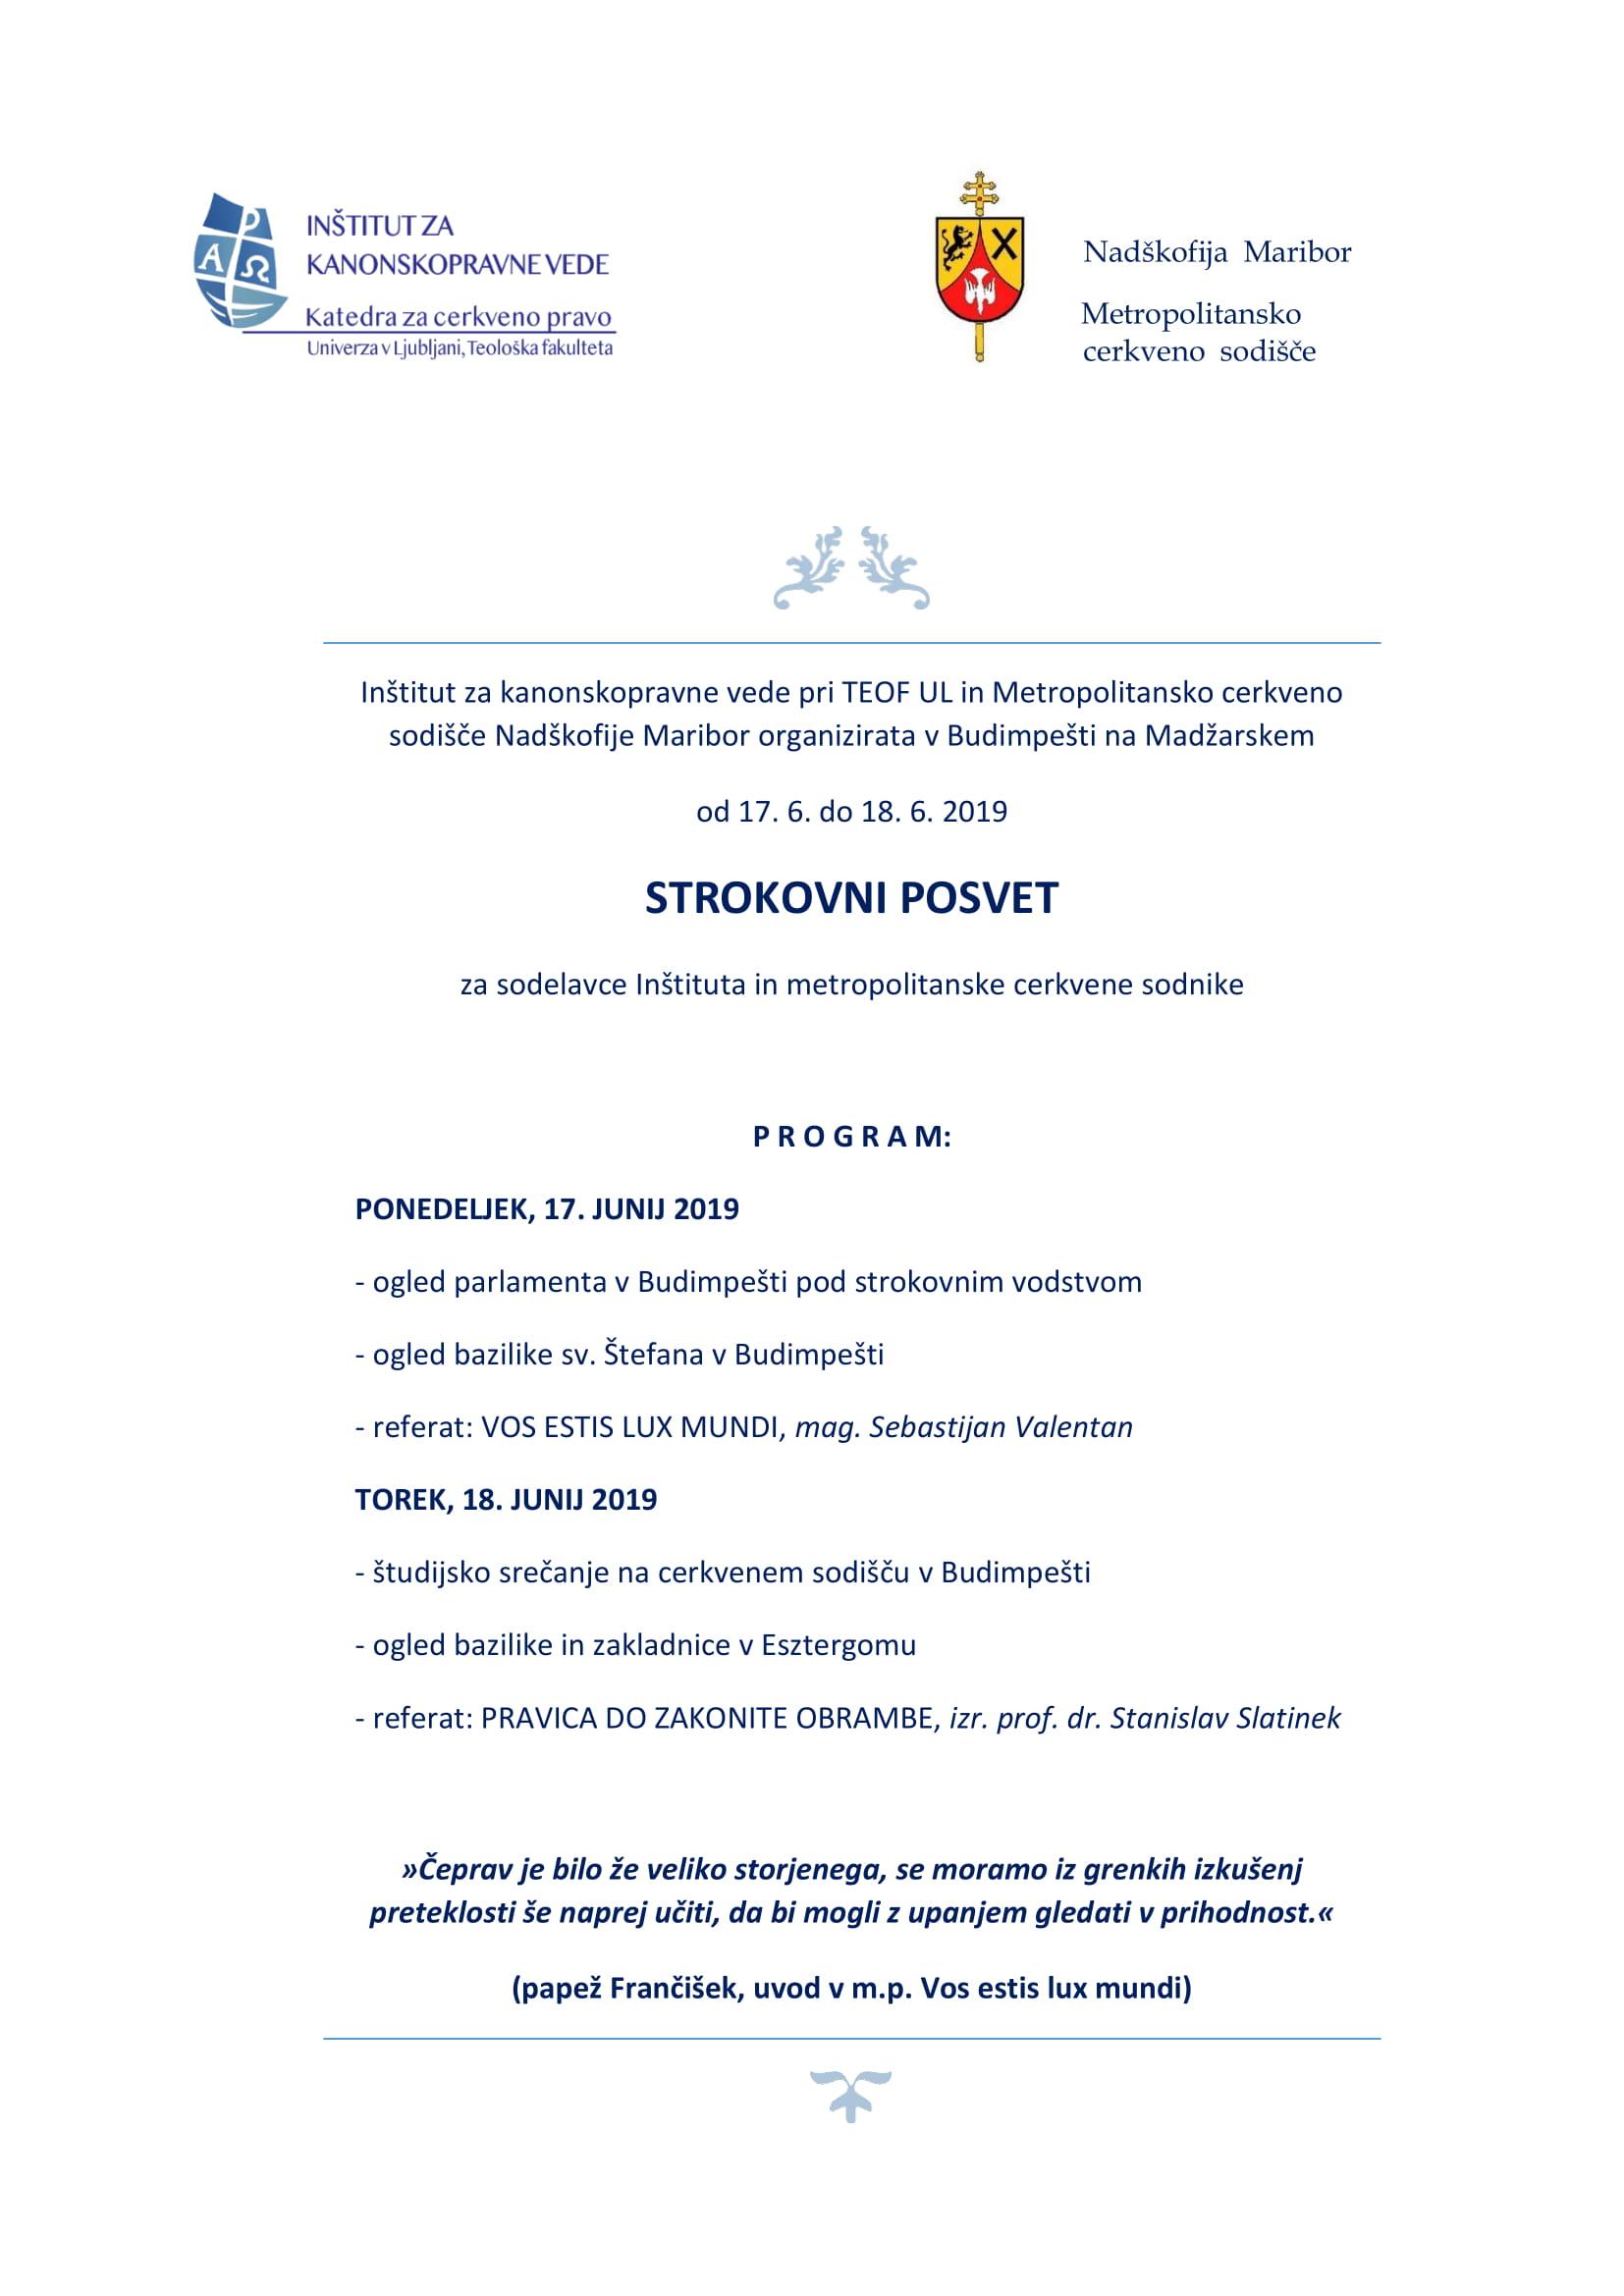 ŠTUDIJSKI POSVET - plakat2 2019-1.jpg